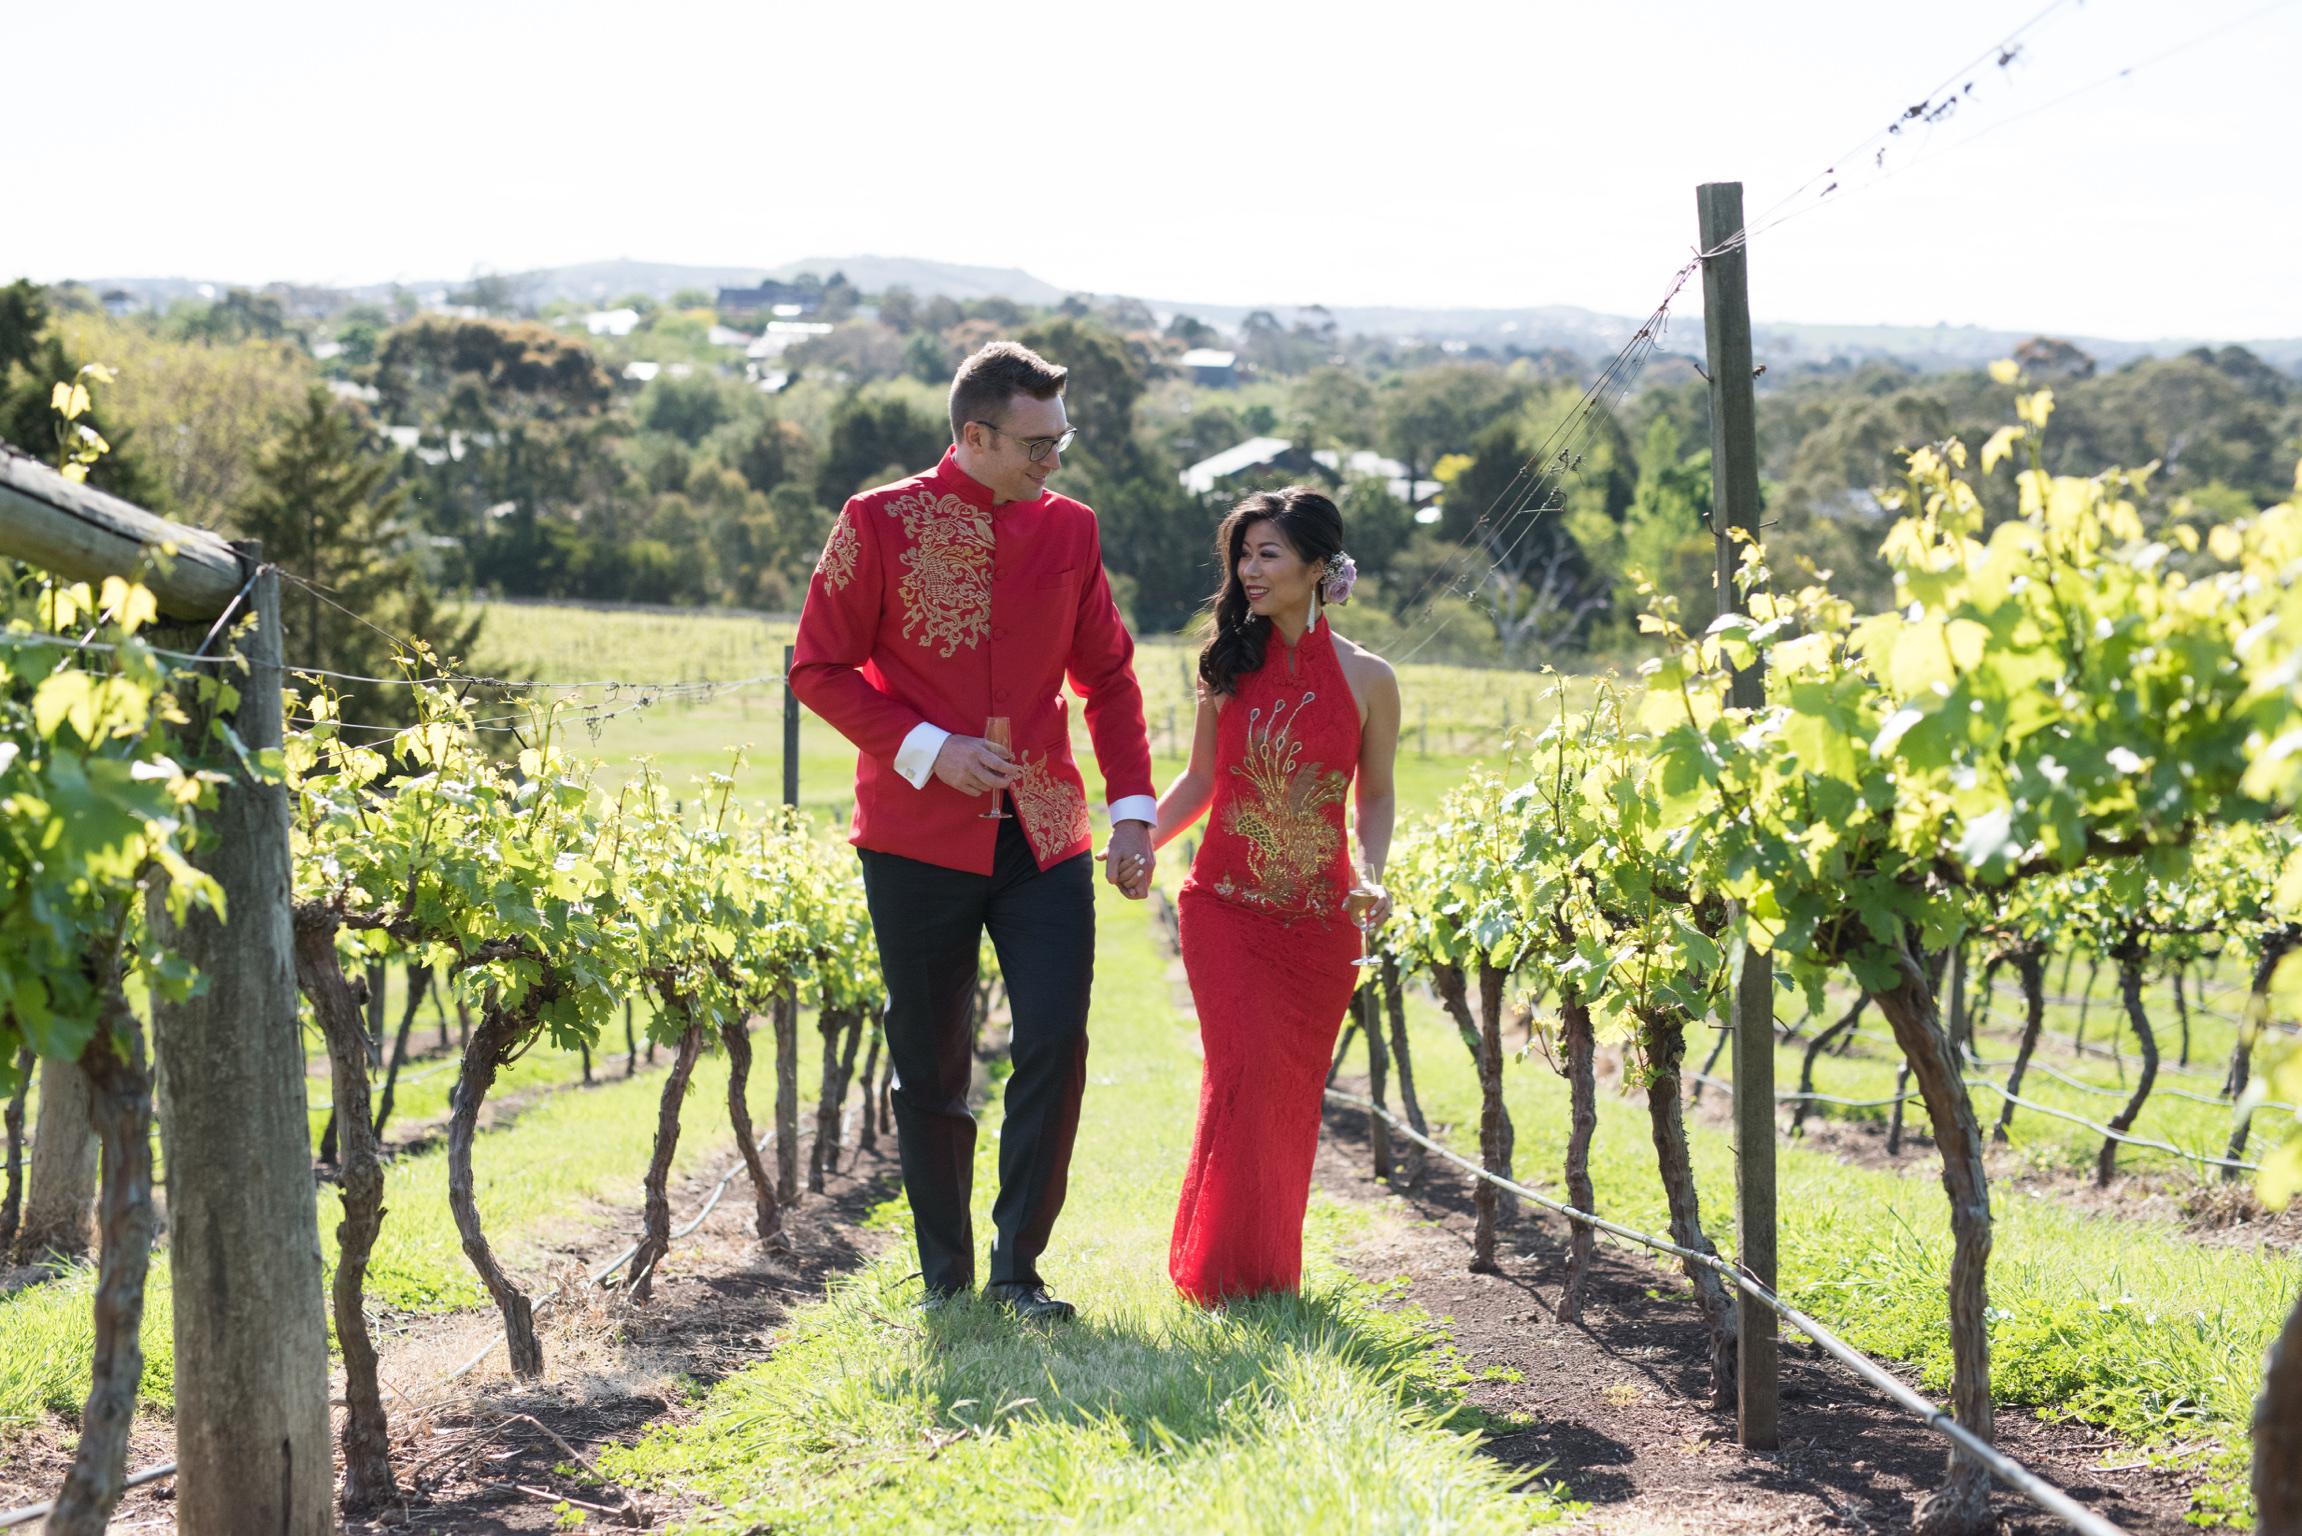 Tina and Ben in vines 2.jpg